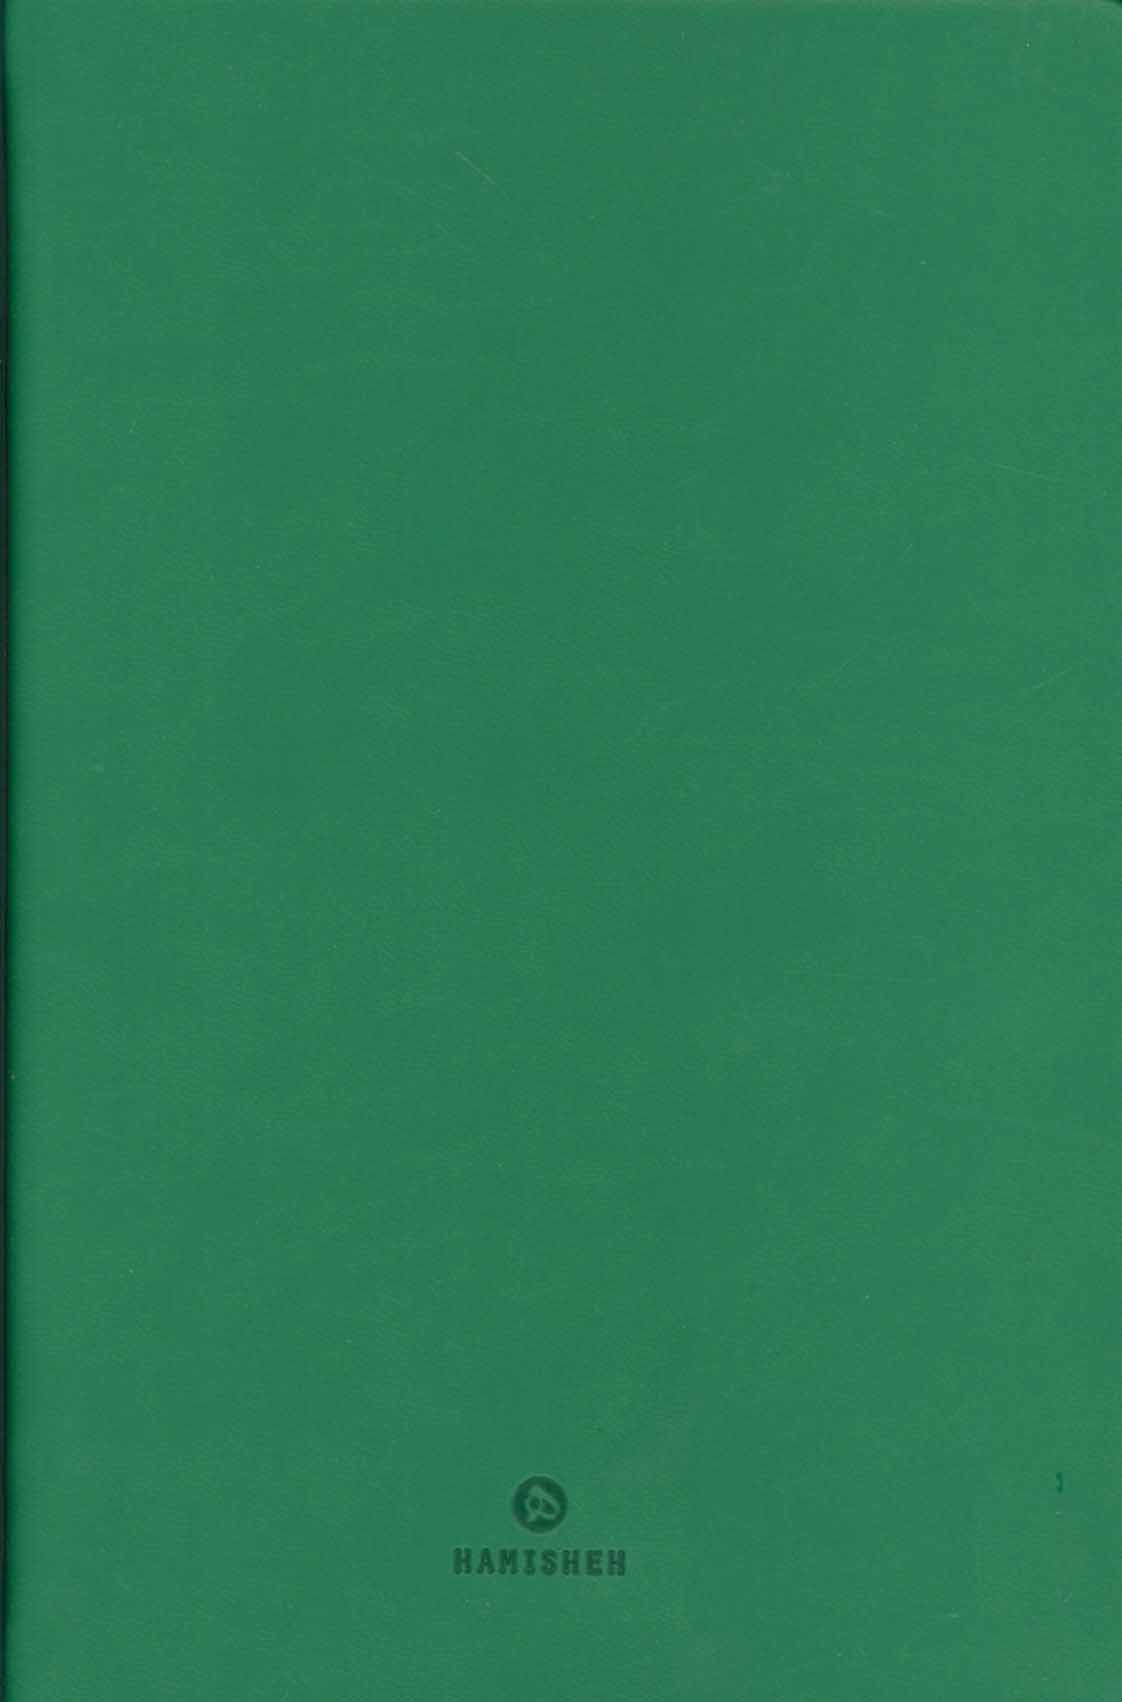 دفتر یادداشت خط دار (سبز،طرح کاج)،(ترمو،لب طلایی)